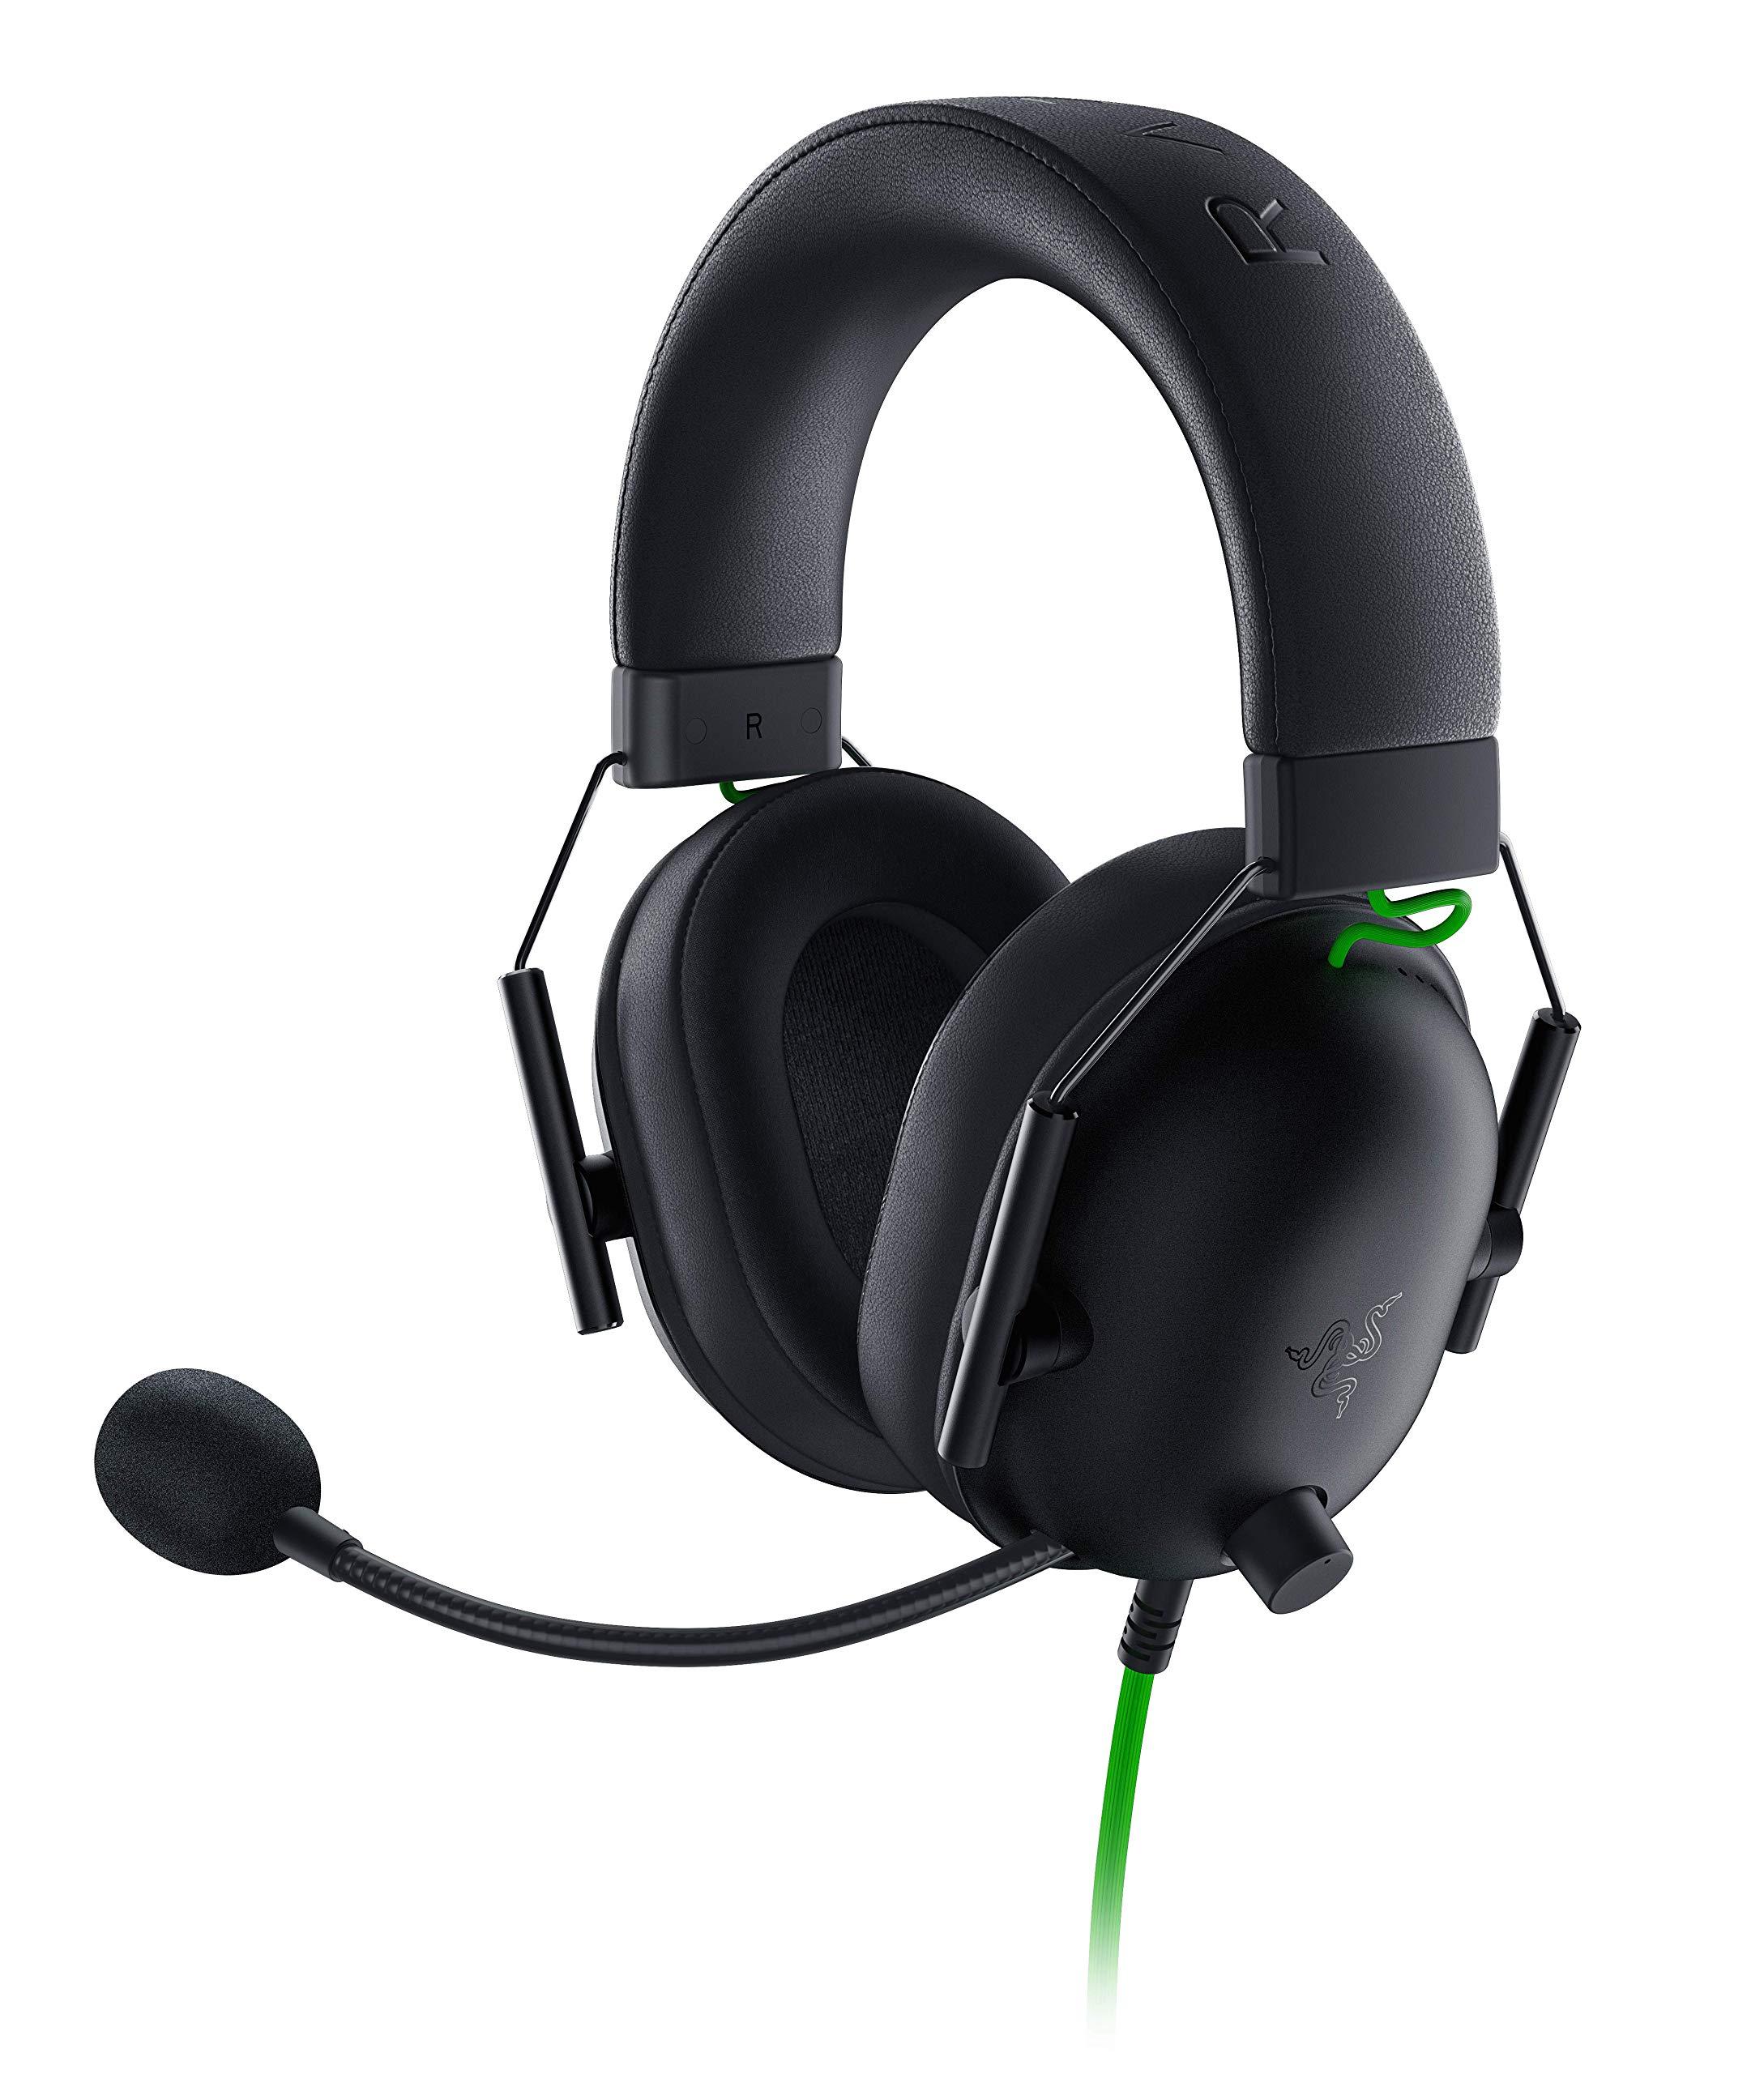 Razer BlackShark V2 X - Auriculares Premium para Juegos Esports, Auriculares con Cable con Controlador de 50 mm, reducción de Ruido para PC, Mac, PS4, Xbox One y Switch: Amazon.es: Electrónica